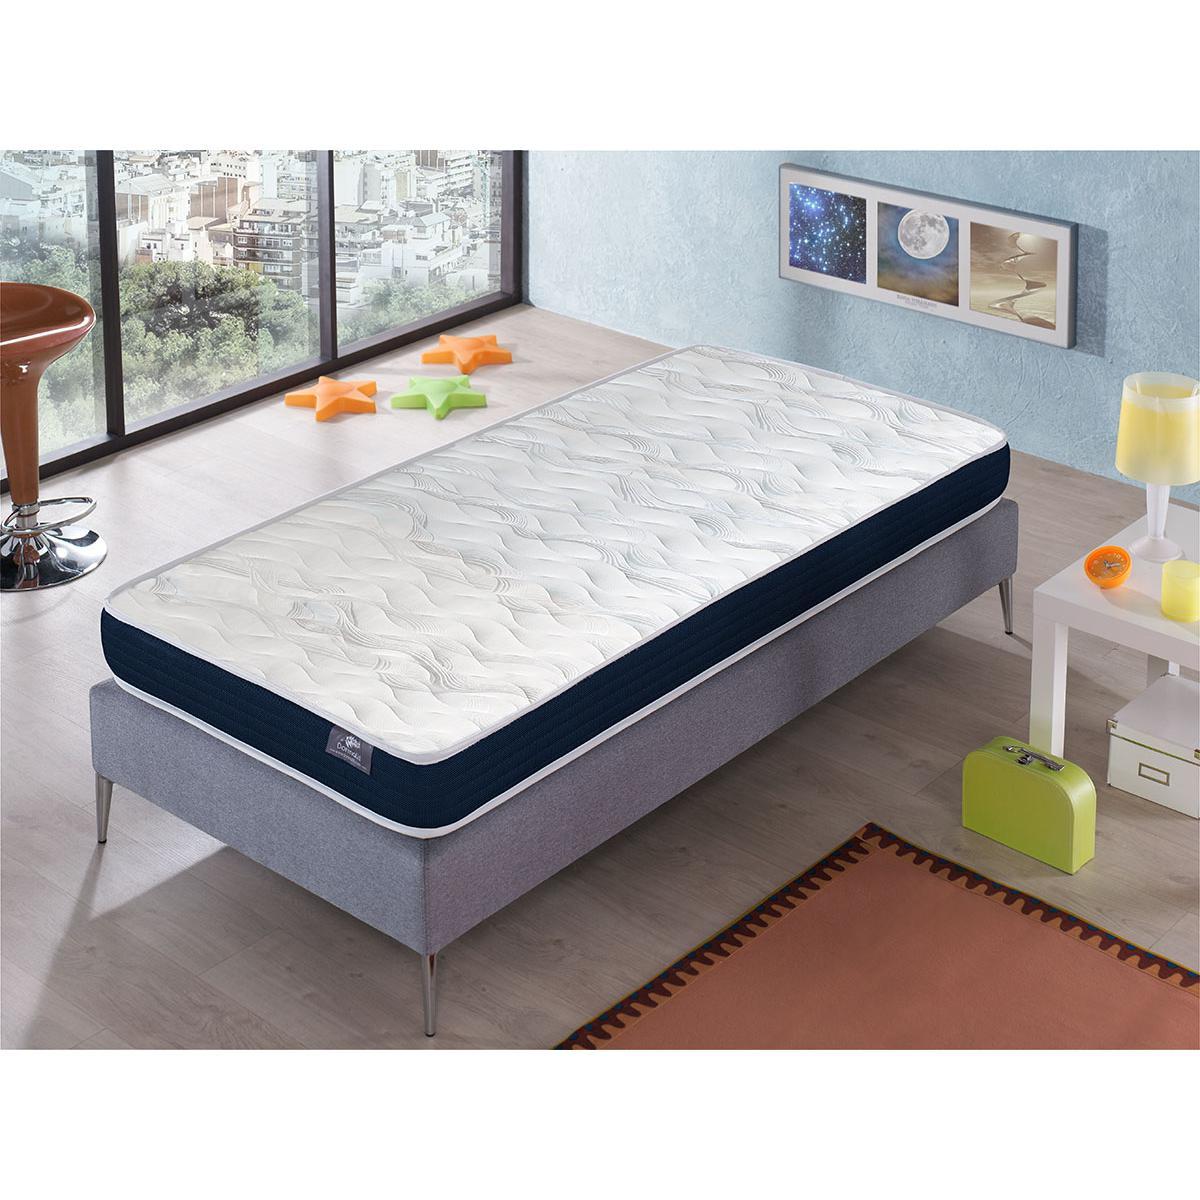 Dormalit Matelas 105X190 ERGO CONFORT Épaisseur 14 CM ? Rembourrage super soft - Juvénil - idéal pour les lits gigognes